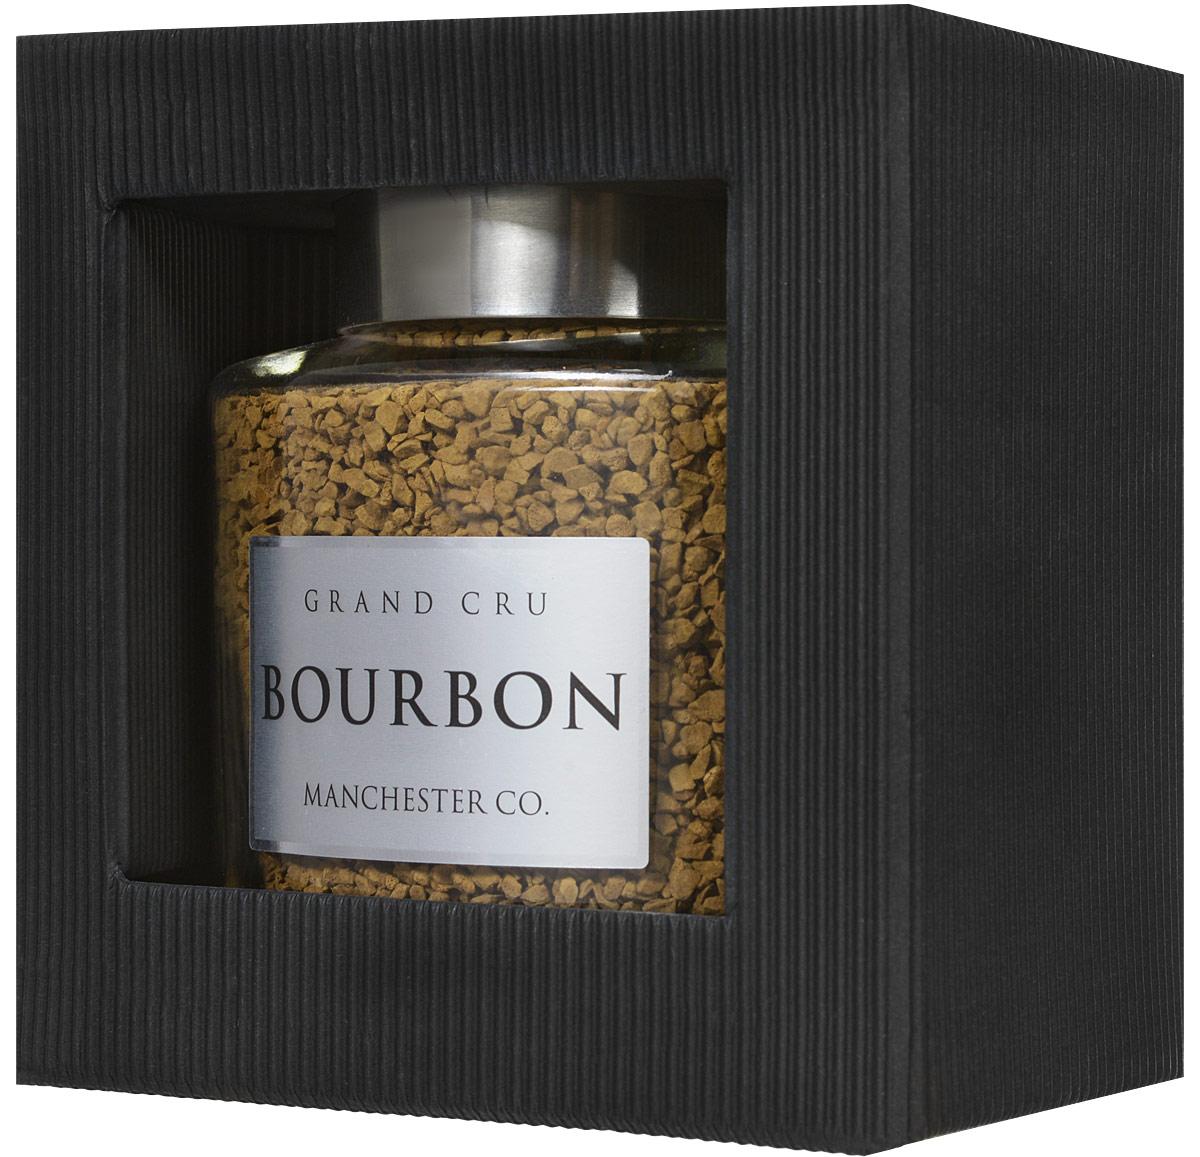 Bourbon Grand Cru кофе растворимый, 100 г4607141334603Bourbon Grand Cru - напиток, созданный для ценителей качества и оригинального вкуса. Этот продукт является натуральным растворимым сублимированным кофе, обладающим изысканным букетом. В состав бленда входит 100% натуральный желтый бразильский бурбон, благодаря которому напиток обладает необыкновенно сливочным вкусом и оригинальным древесно-табачным послевкусием, оставляющим незабываемое впечатление. Желтый бразильский бурбон имеет поистине королевскую родословную и считается прародителем всех сортов арабики. Сегодня этот сорт арабики культивируют всего на нескольких высокогорных плантациях на юге Бразилии, и обрабатывают исключительно натуральным способом. Сушат ягоды прямо на ветвях, поэтому вкус напитка характеризуется сладковатой сливочной доминантой. Идеальный вариант в качестве основы для эспрессо.